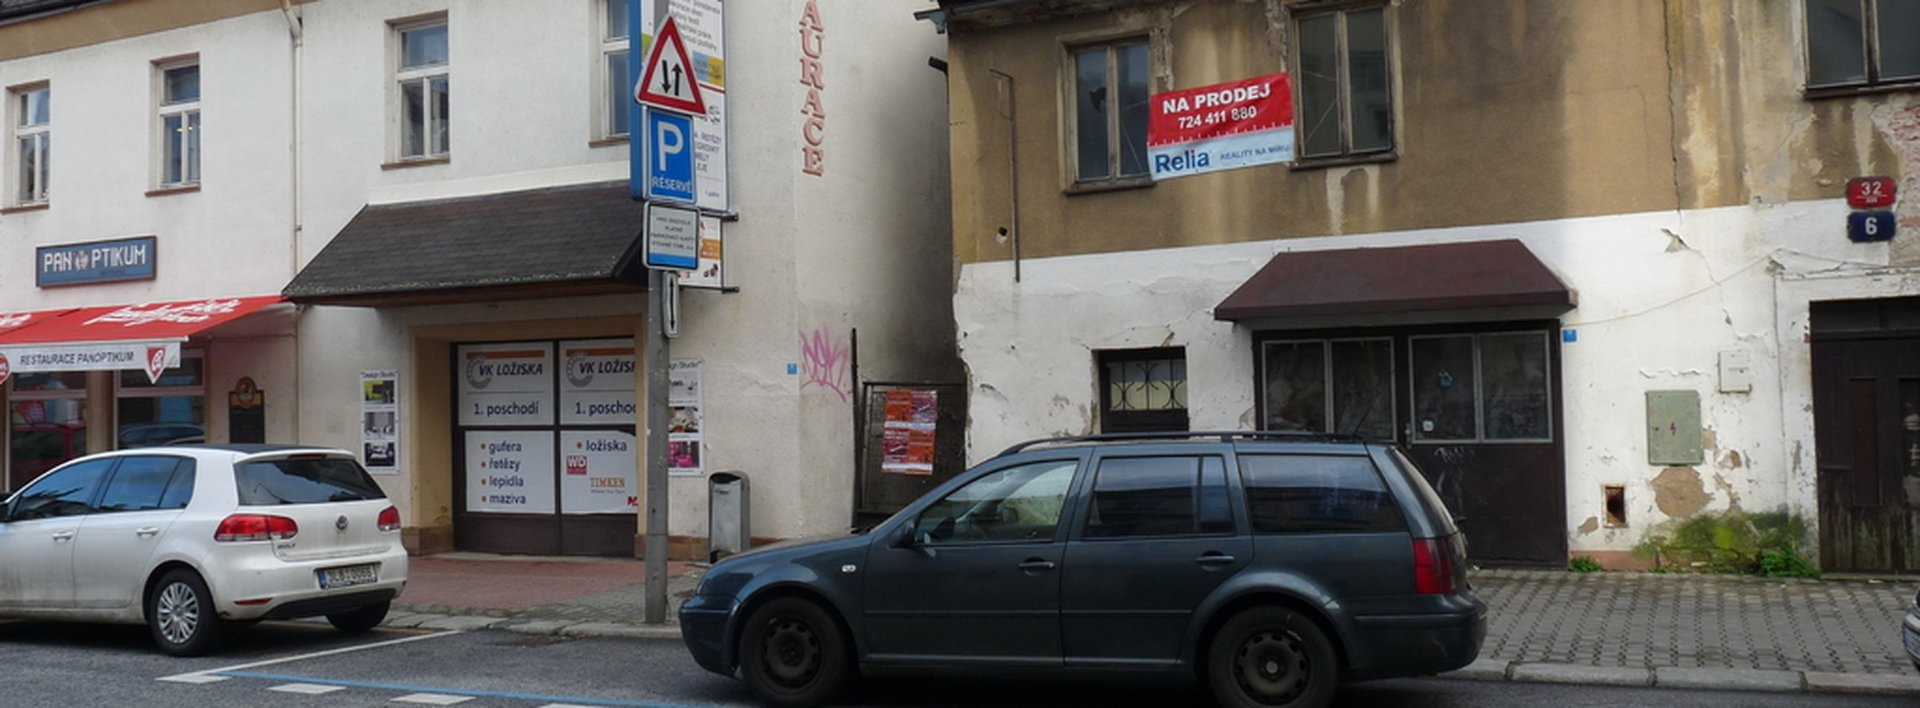 Exkluzivní nabídka prodeje domu v historickém centru Liberce, Ev.č.: N47518